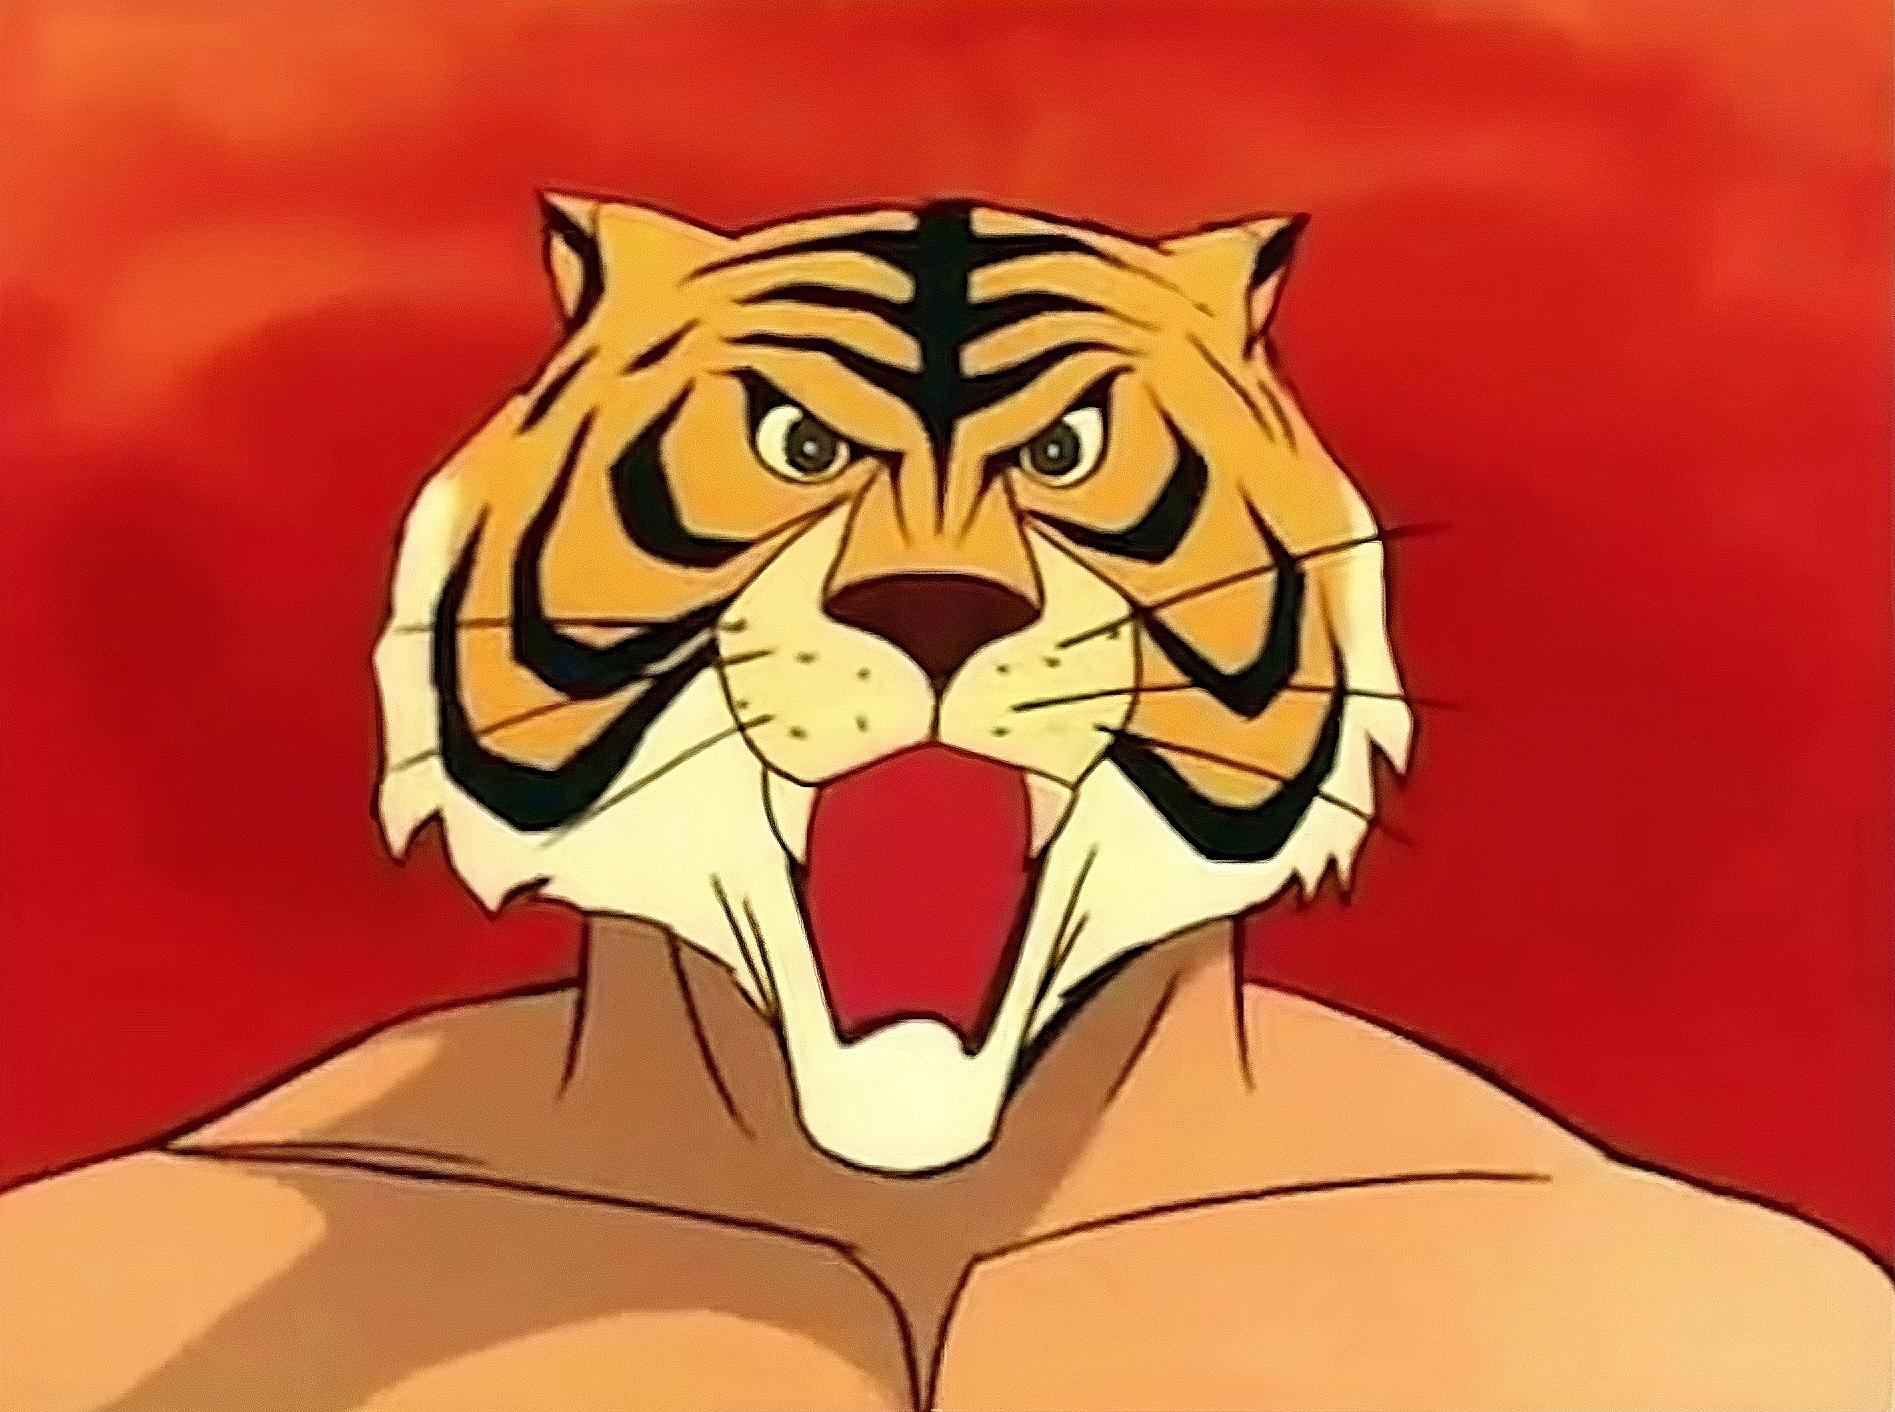 Uomo tigre for Immagini tigre da colorare